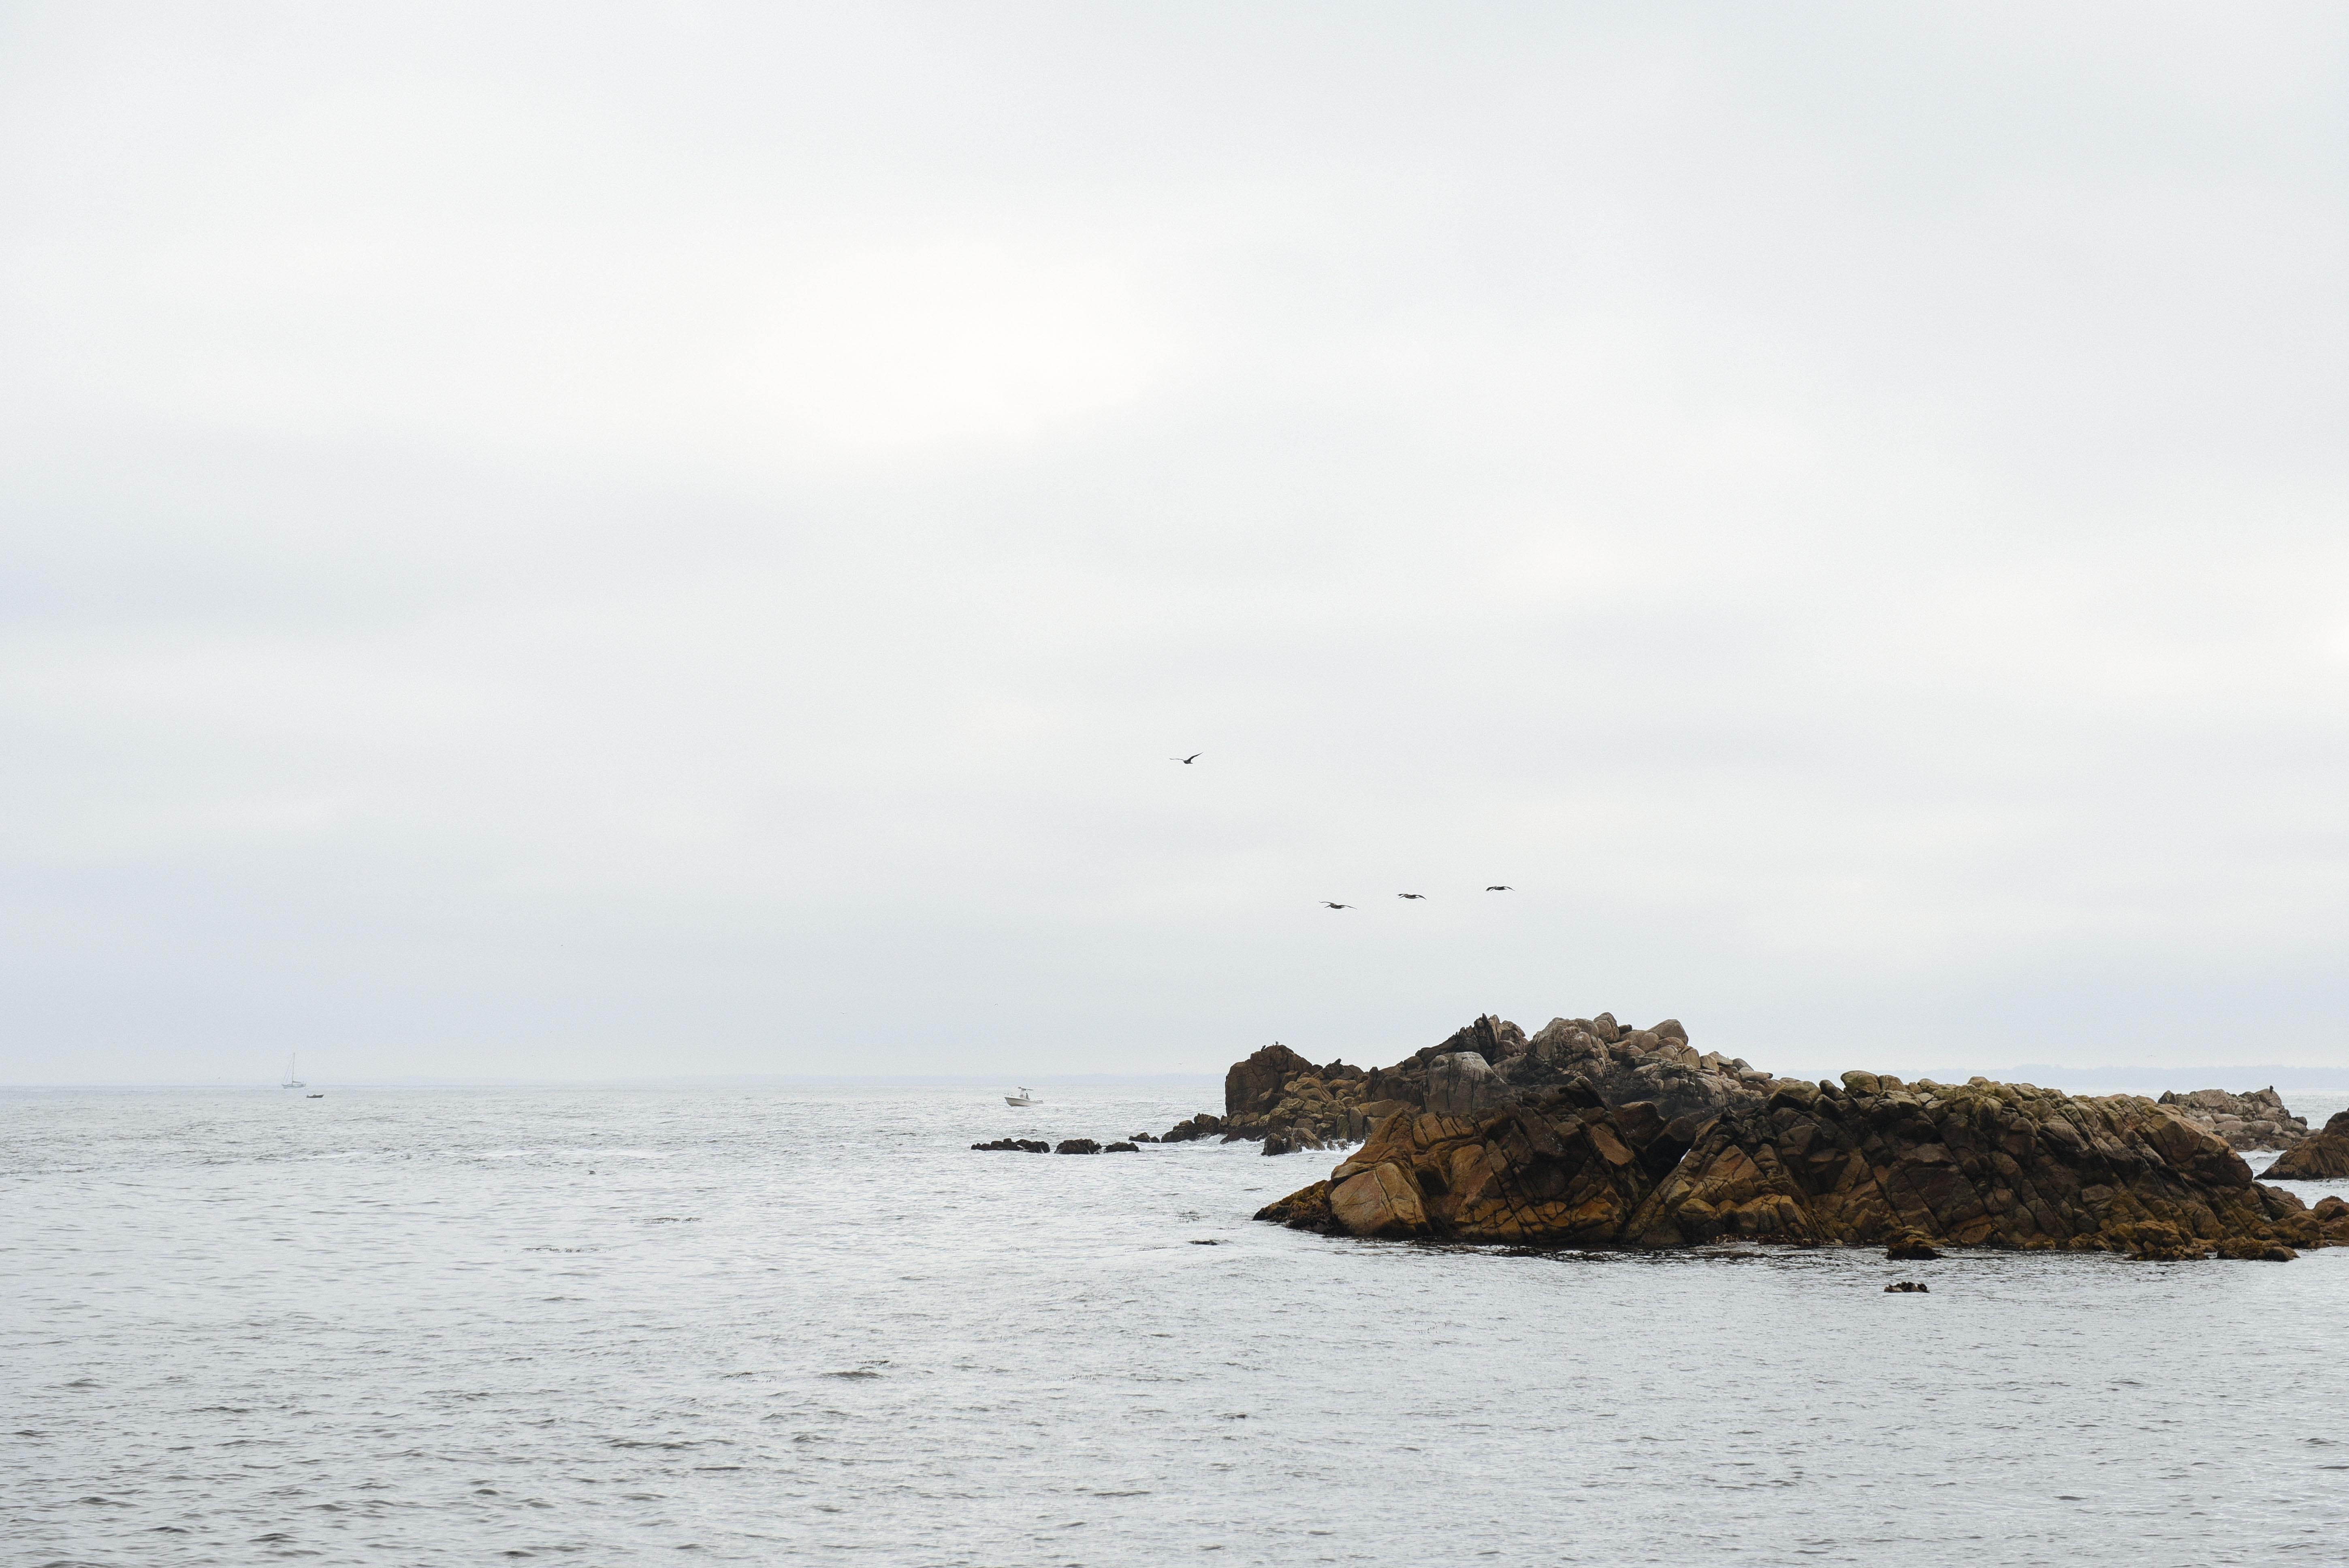 body of water between rocks